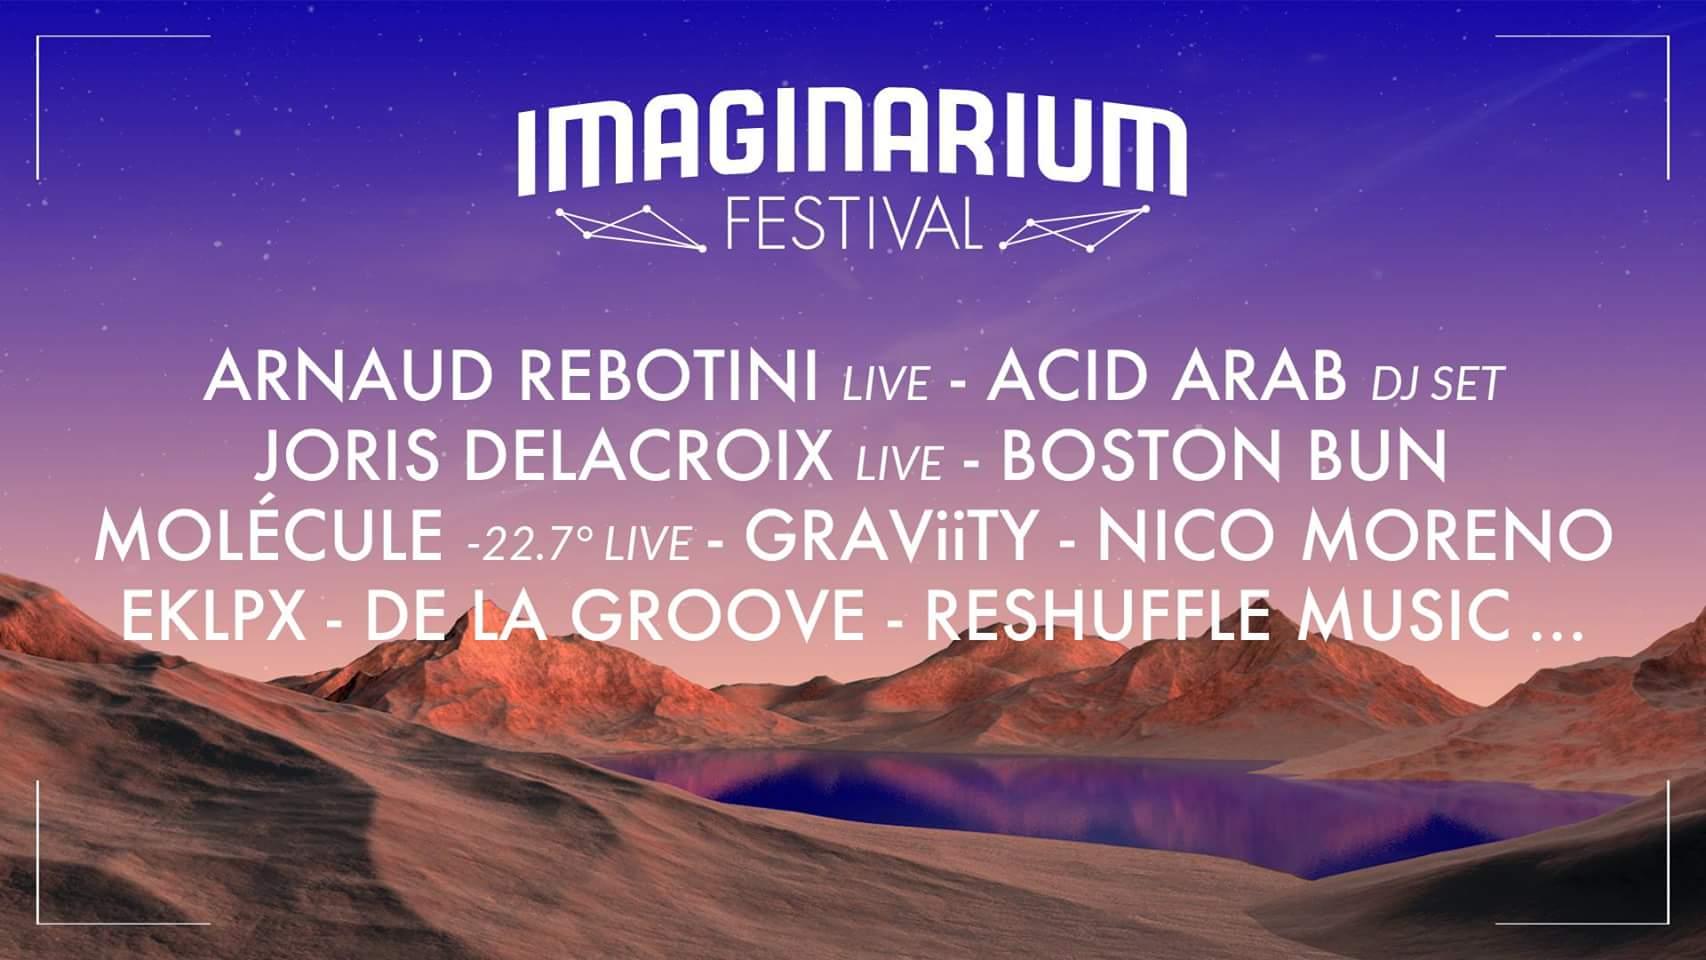 Imaginarium Festival 2018 ► 19&20 MAI 2018